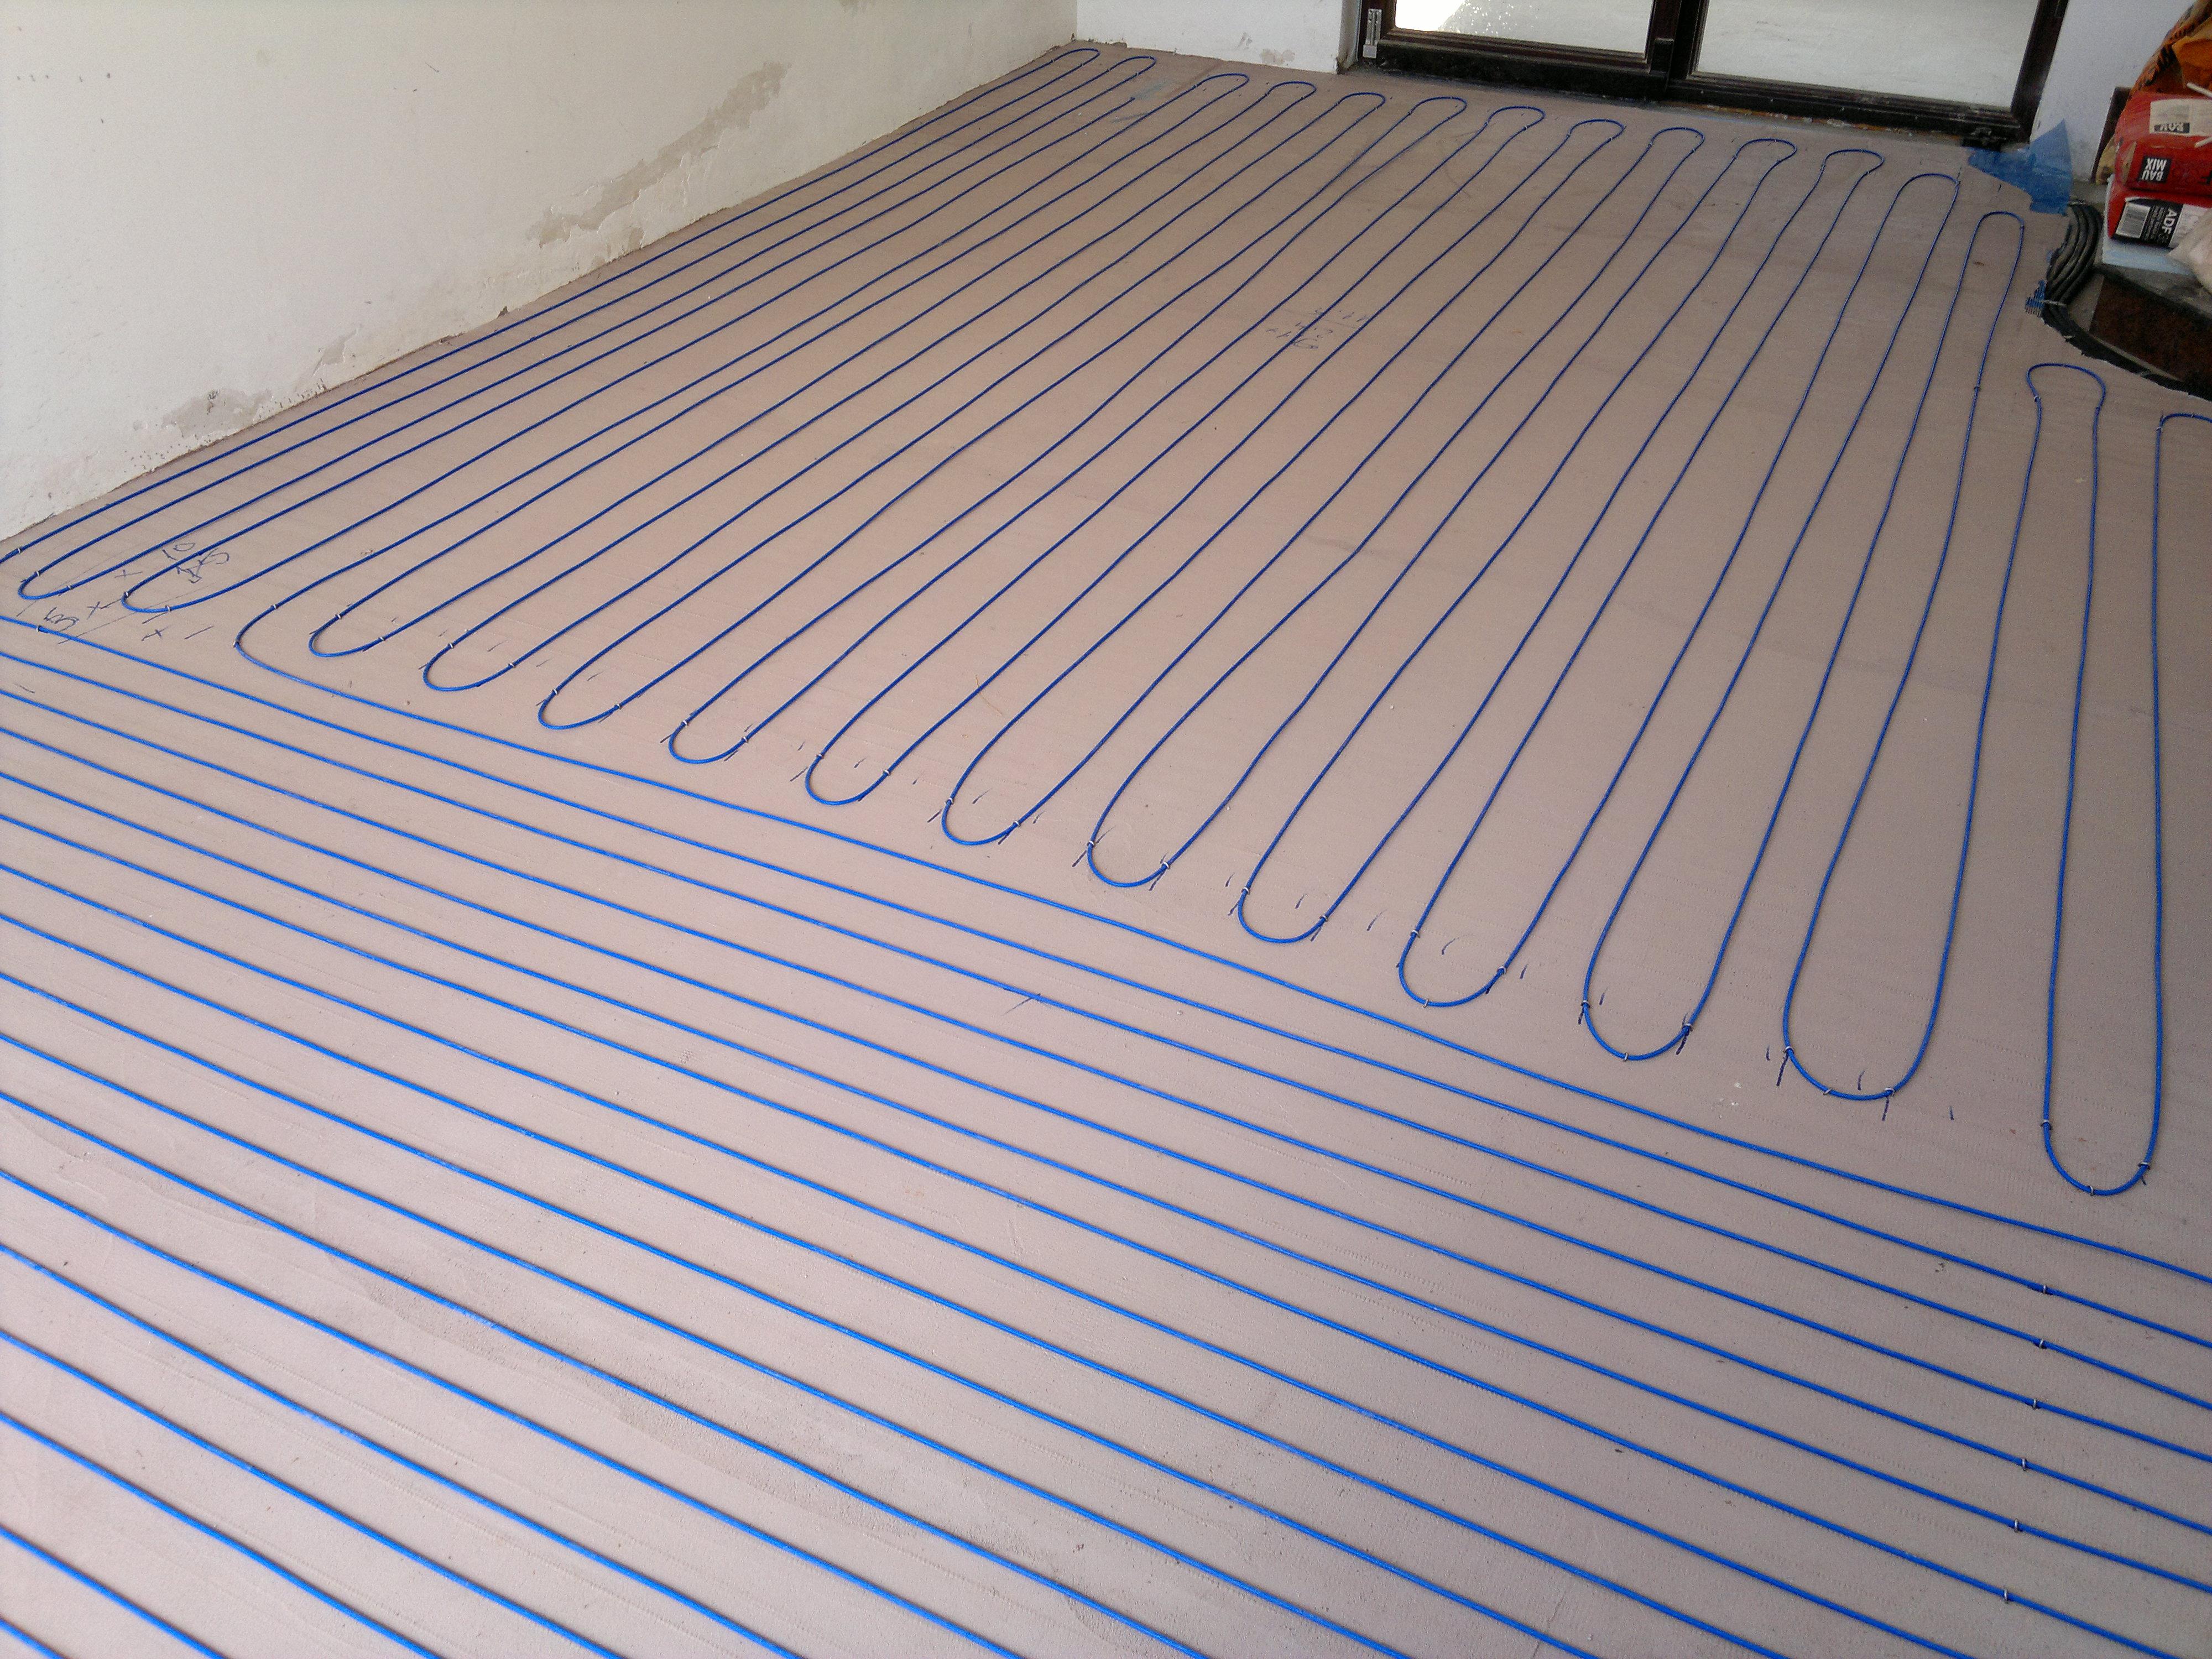 Incalzire cu cabluri in sape - Branesti WARMUP - Poza 4